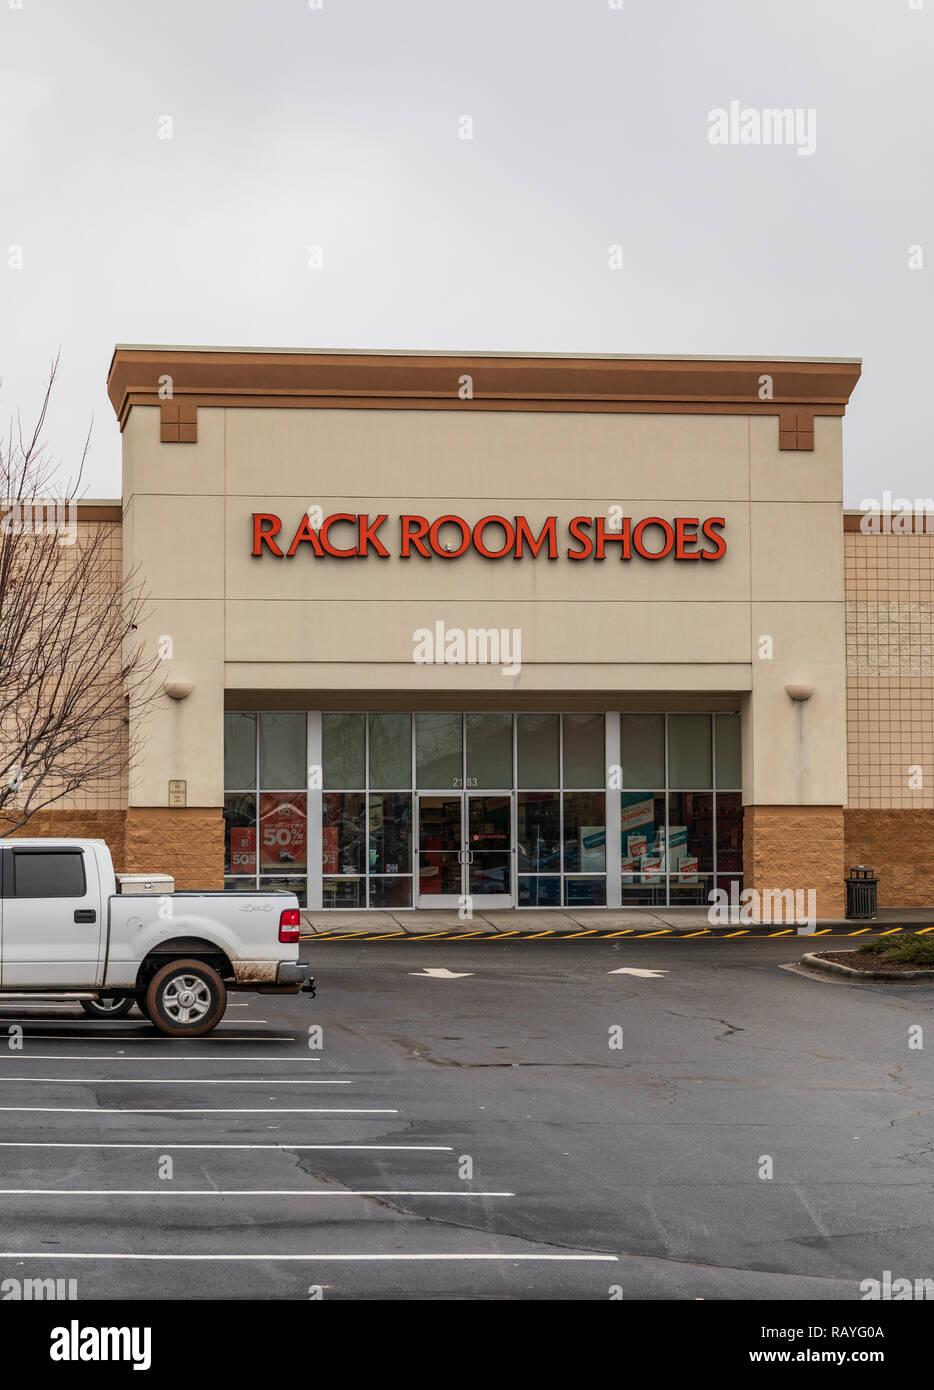 HICKORY, NC, USA-1/3/19: Rack Room